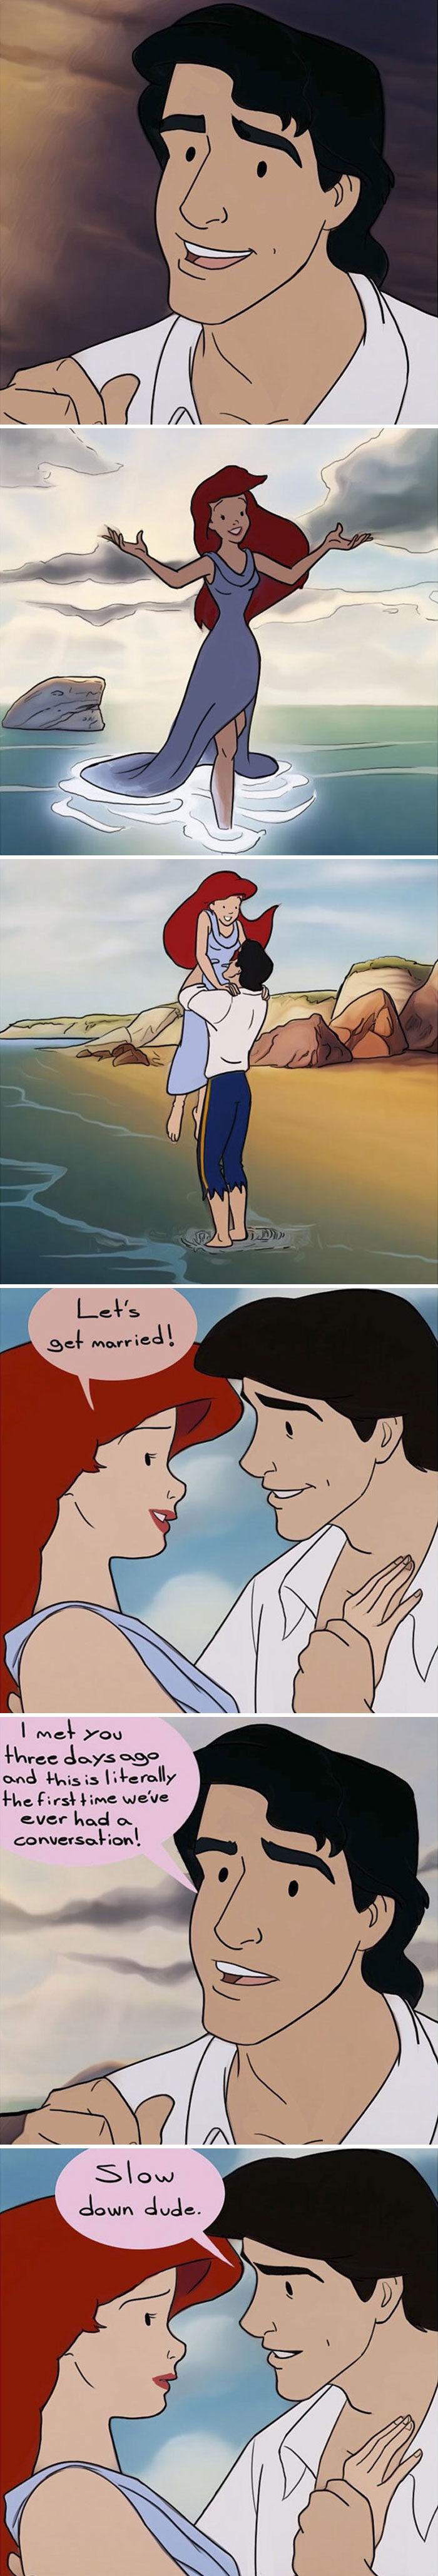 30張「把童話濾鏡拿掉」的迪士尼作品 小美人魚說「我們結婚吧」王子:但我們才見過3次?